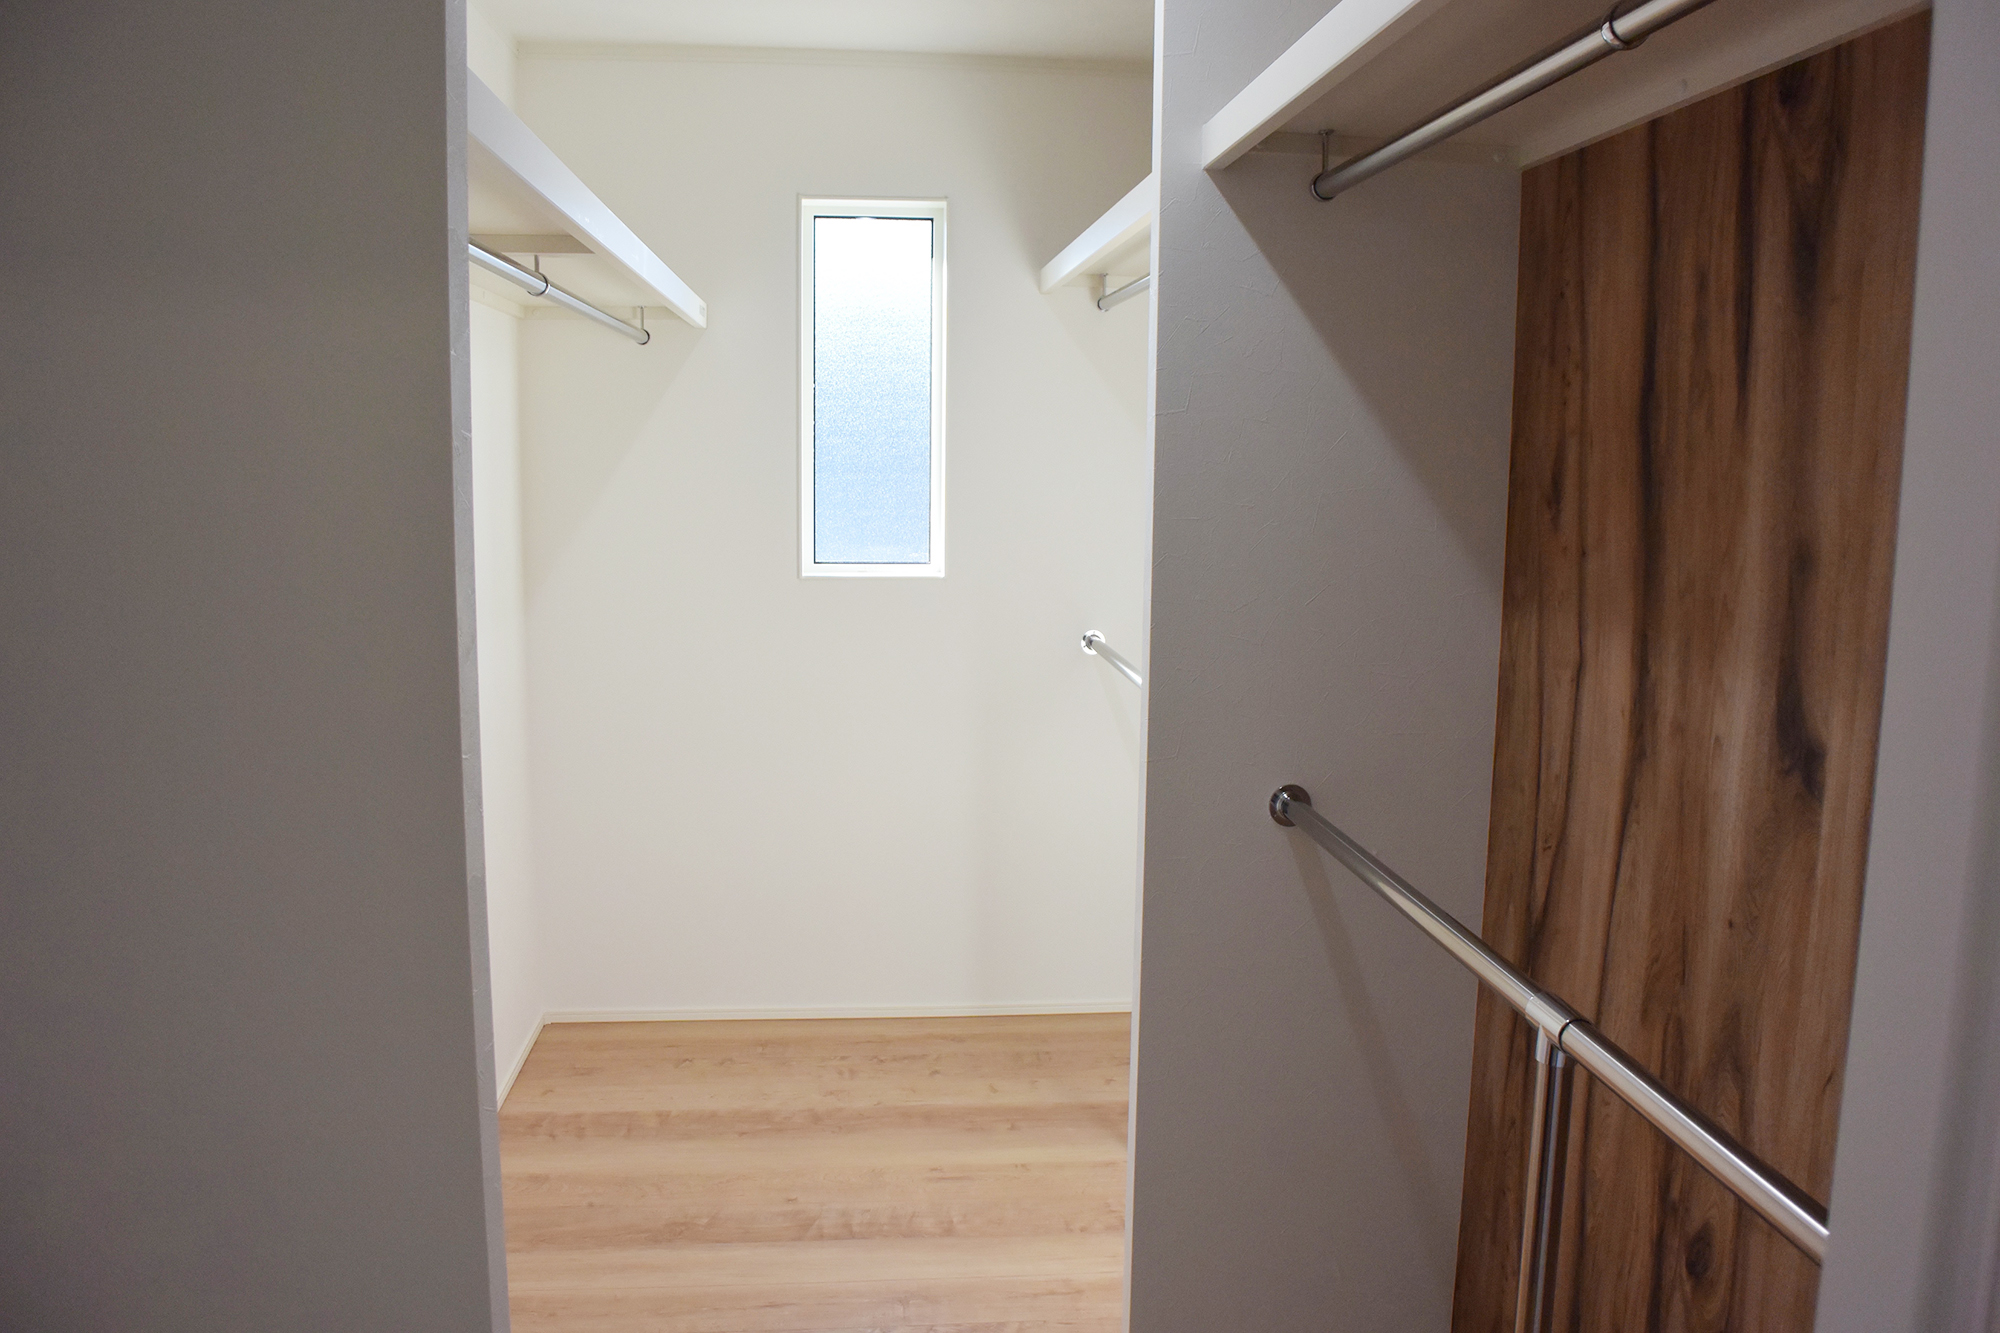 寝室に接する、大収納のWIC。たくさん収納できる上に使い勝手が良いように作られています。